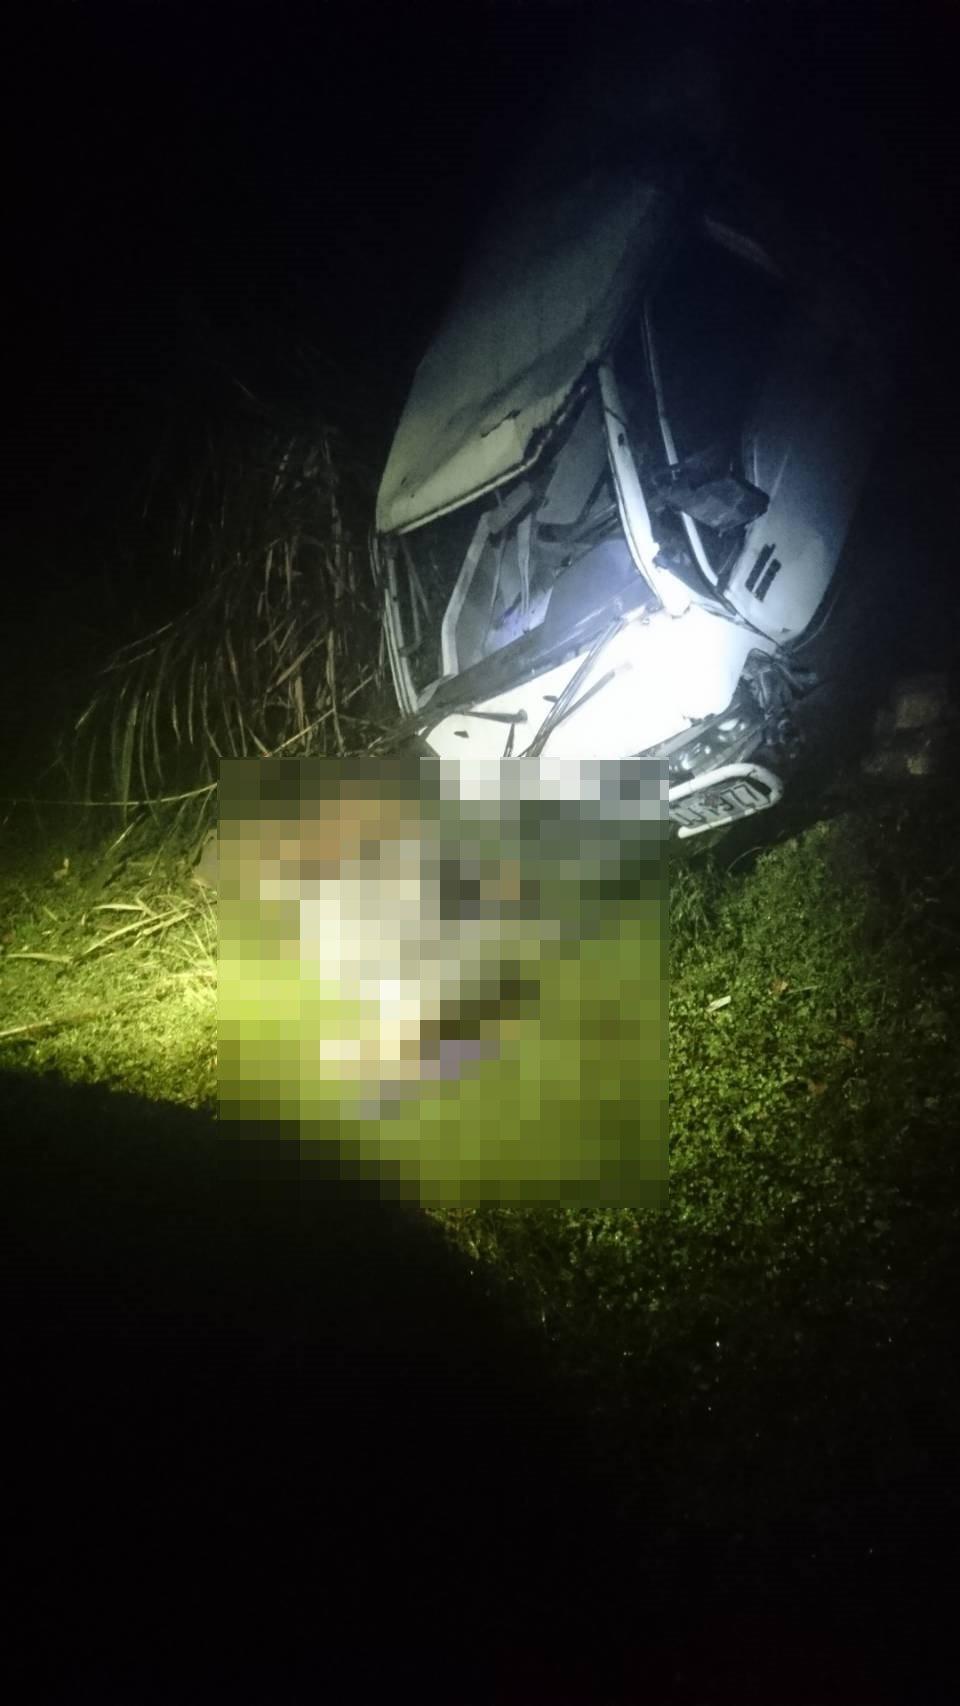 花莲万荣林道今天下午传出人车坠谷,驾驶死亡的意外。图/花莲县消防局提供